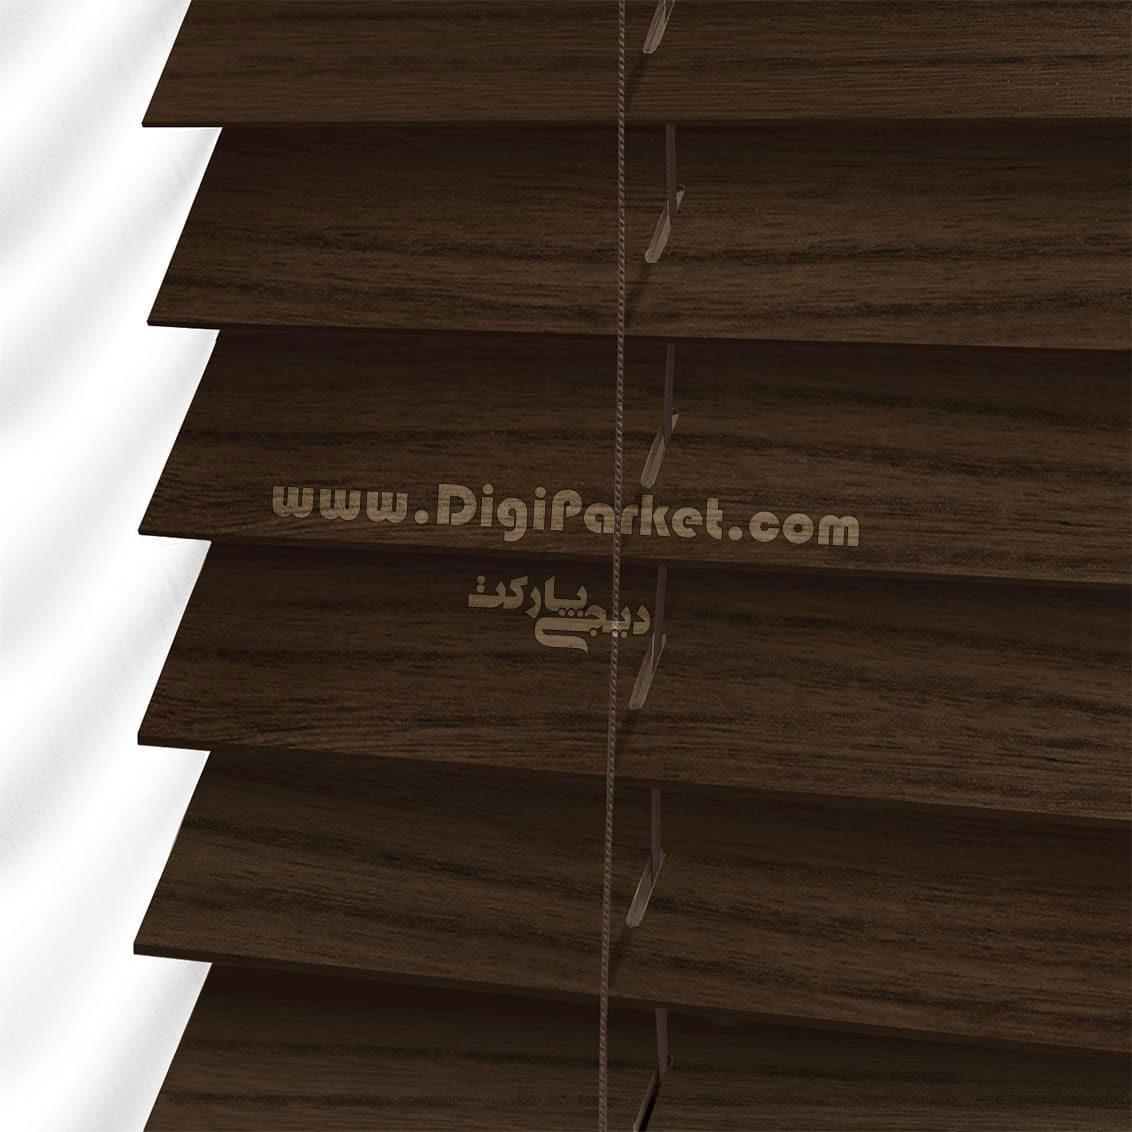 پرده کرکره چوبی رنگ گردویی  خوش سایه